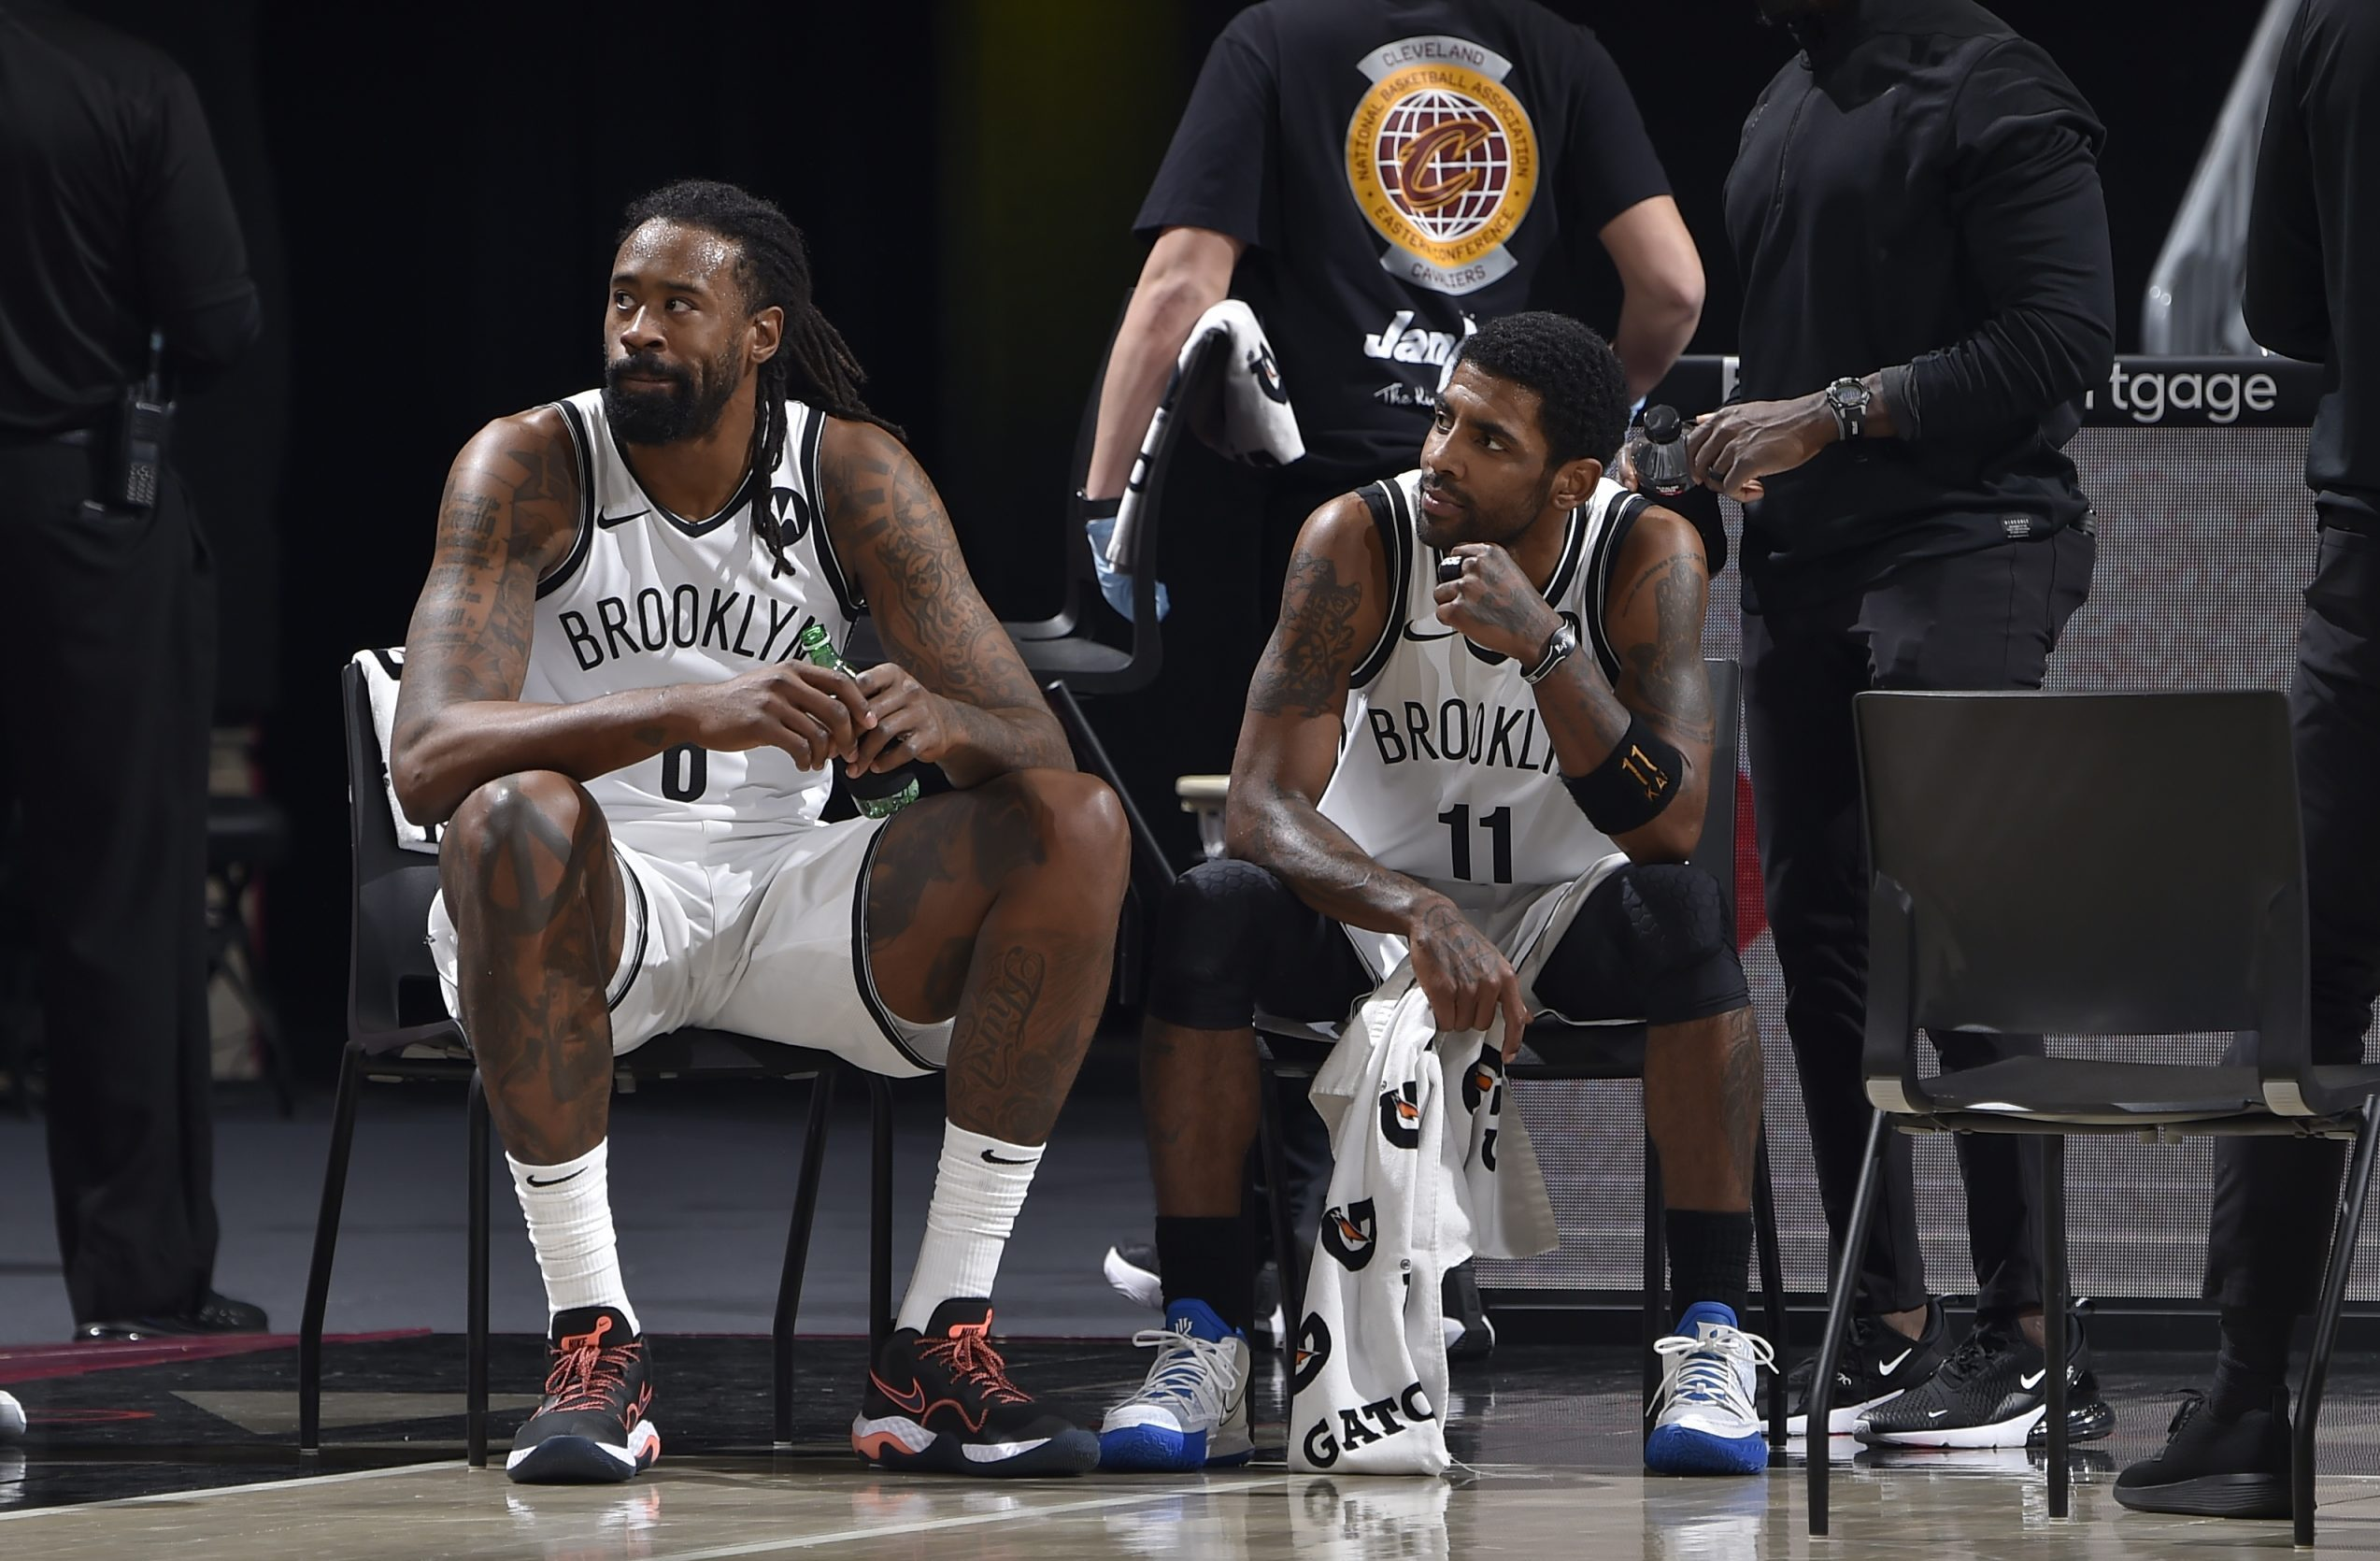 Kolejna dogrywka Lakers, Bulls piszą historię